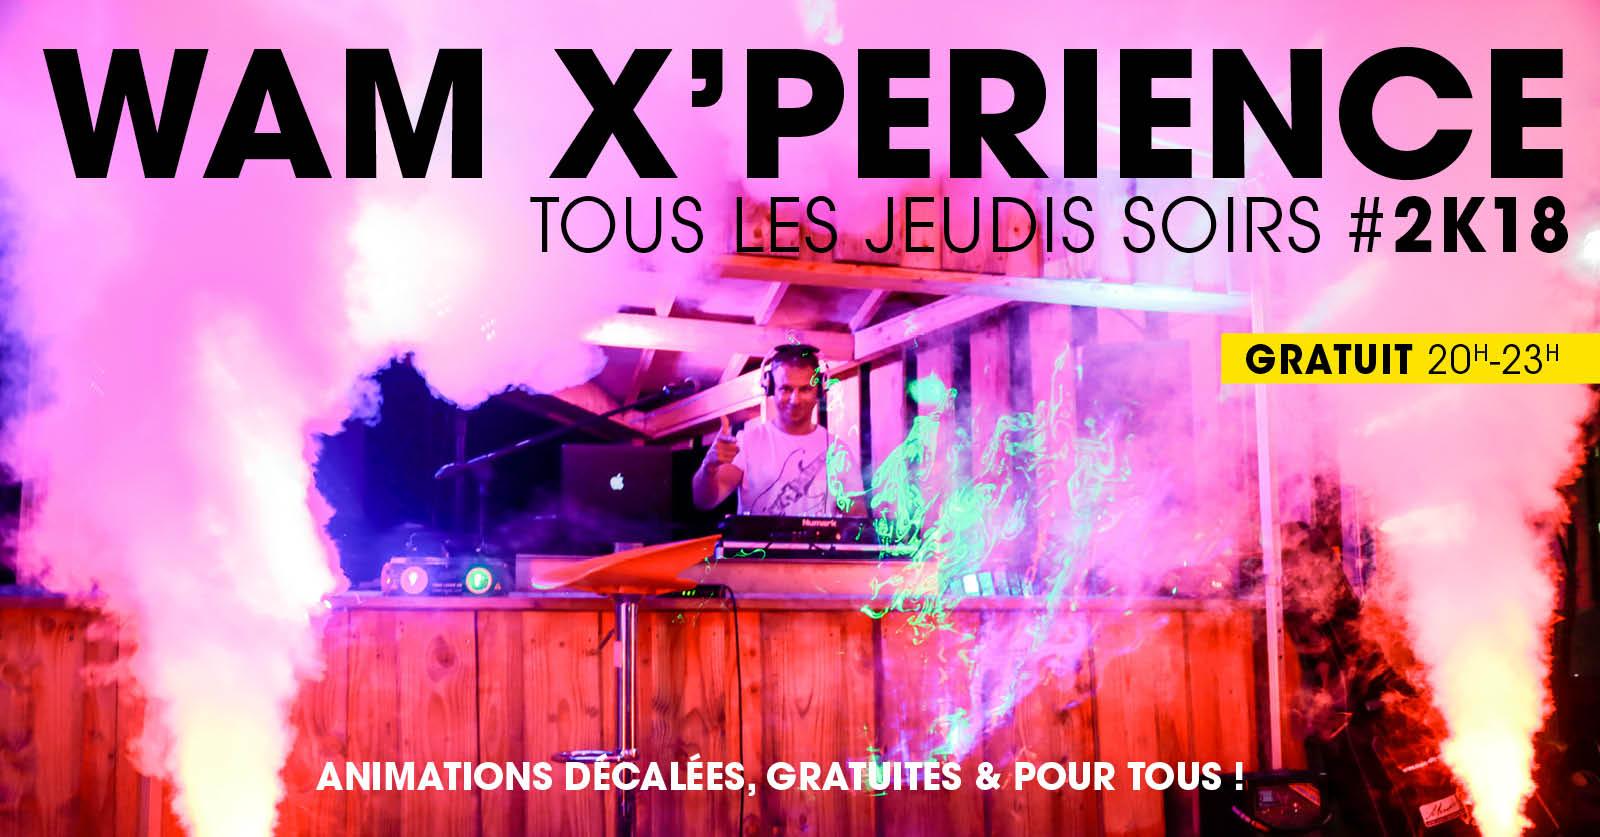 wam-xperience-2018-bandeau-web2